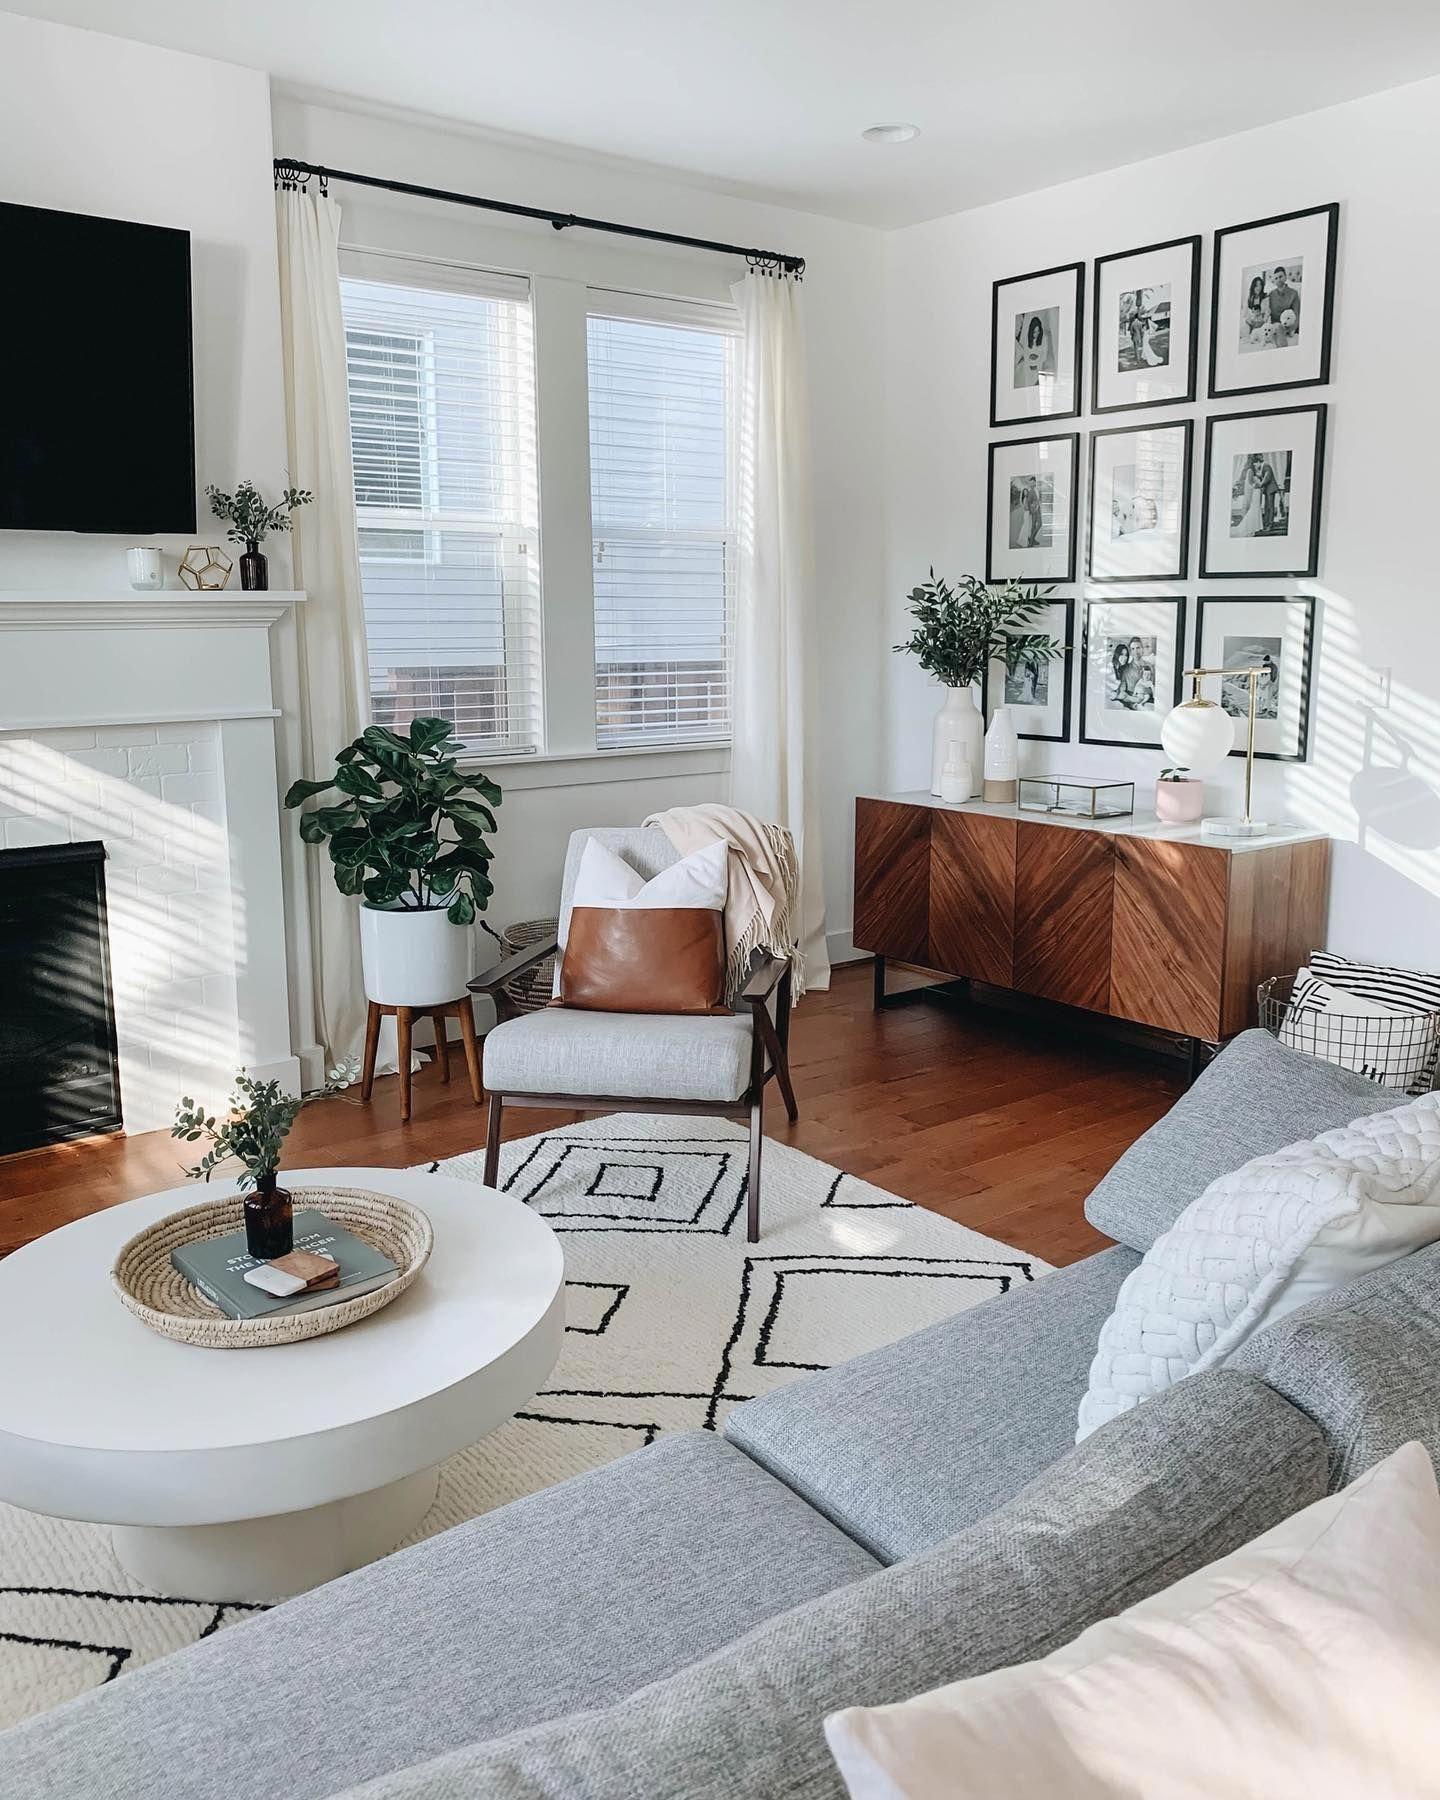 Black Frames Pick Up The Fireplace Carpet Design In